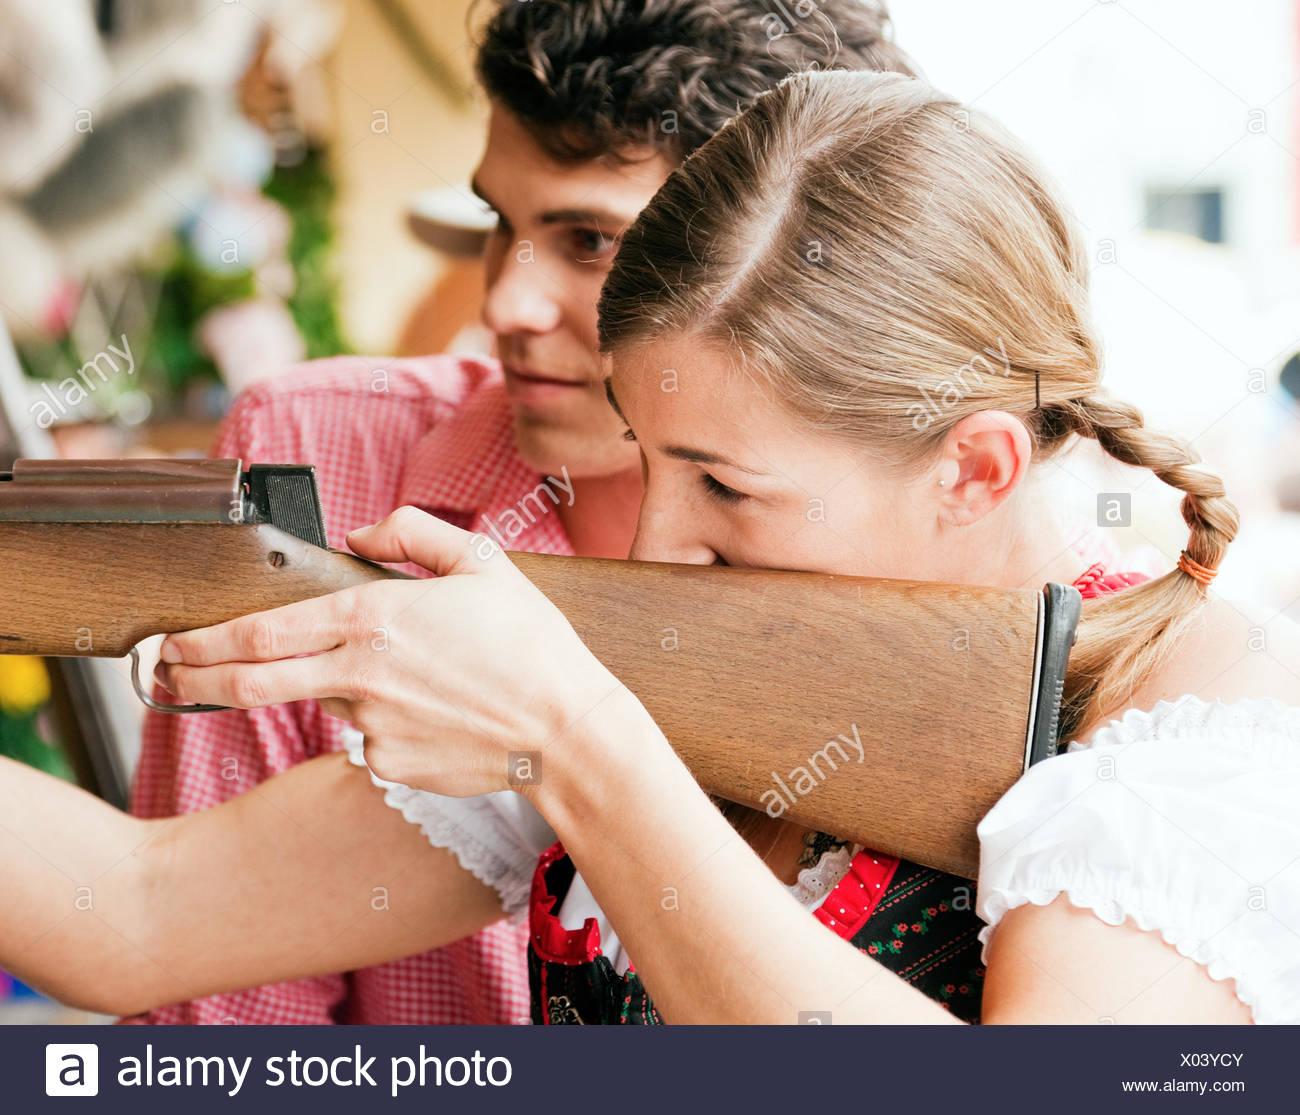 couple on rummel - shooting - Stock Image